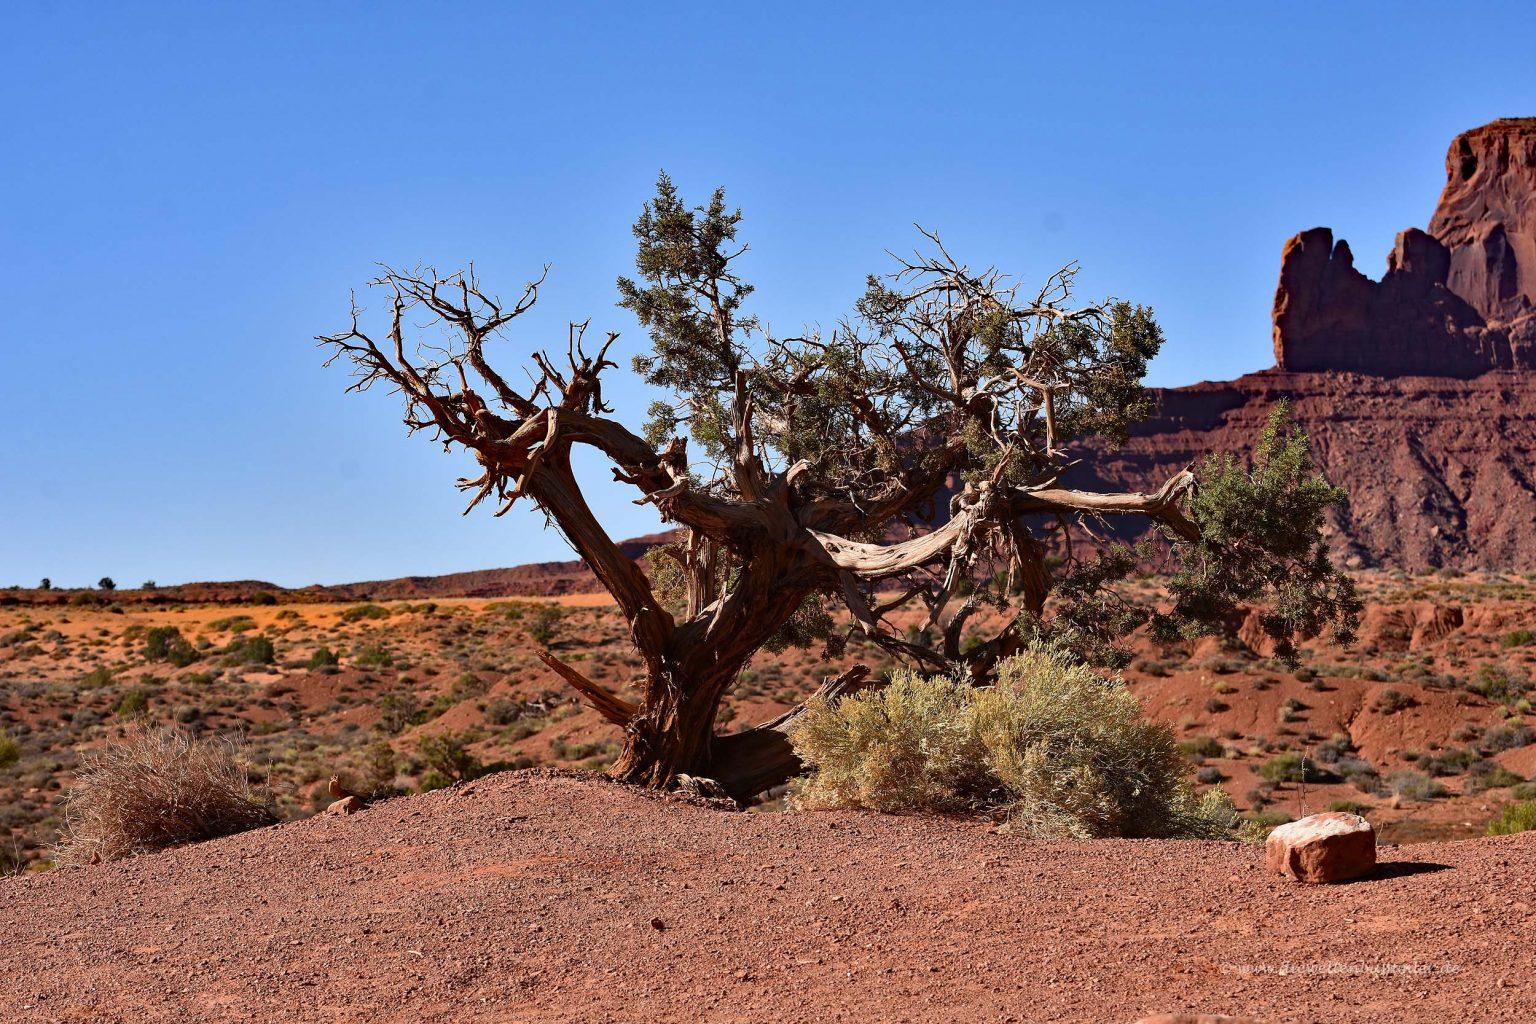 Einsamer Baum in trockener Landschaft